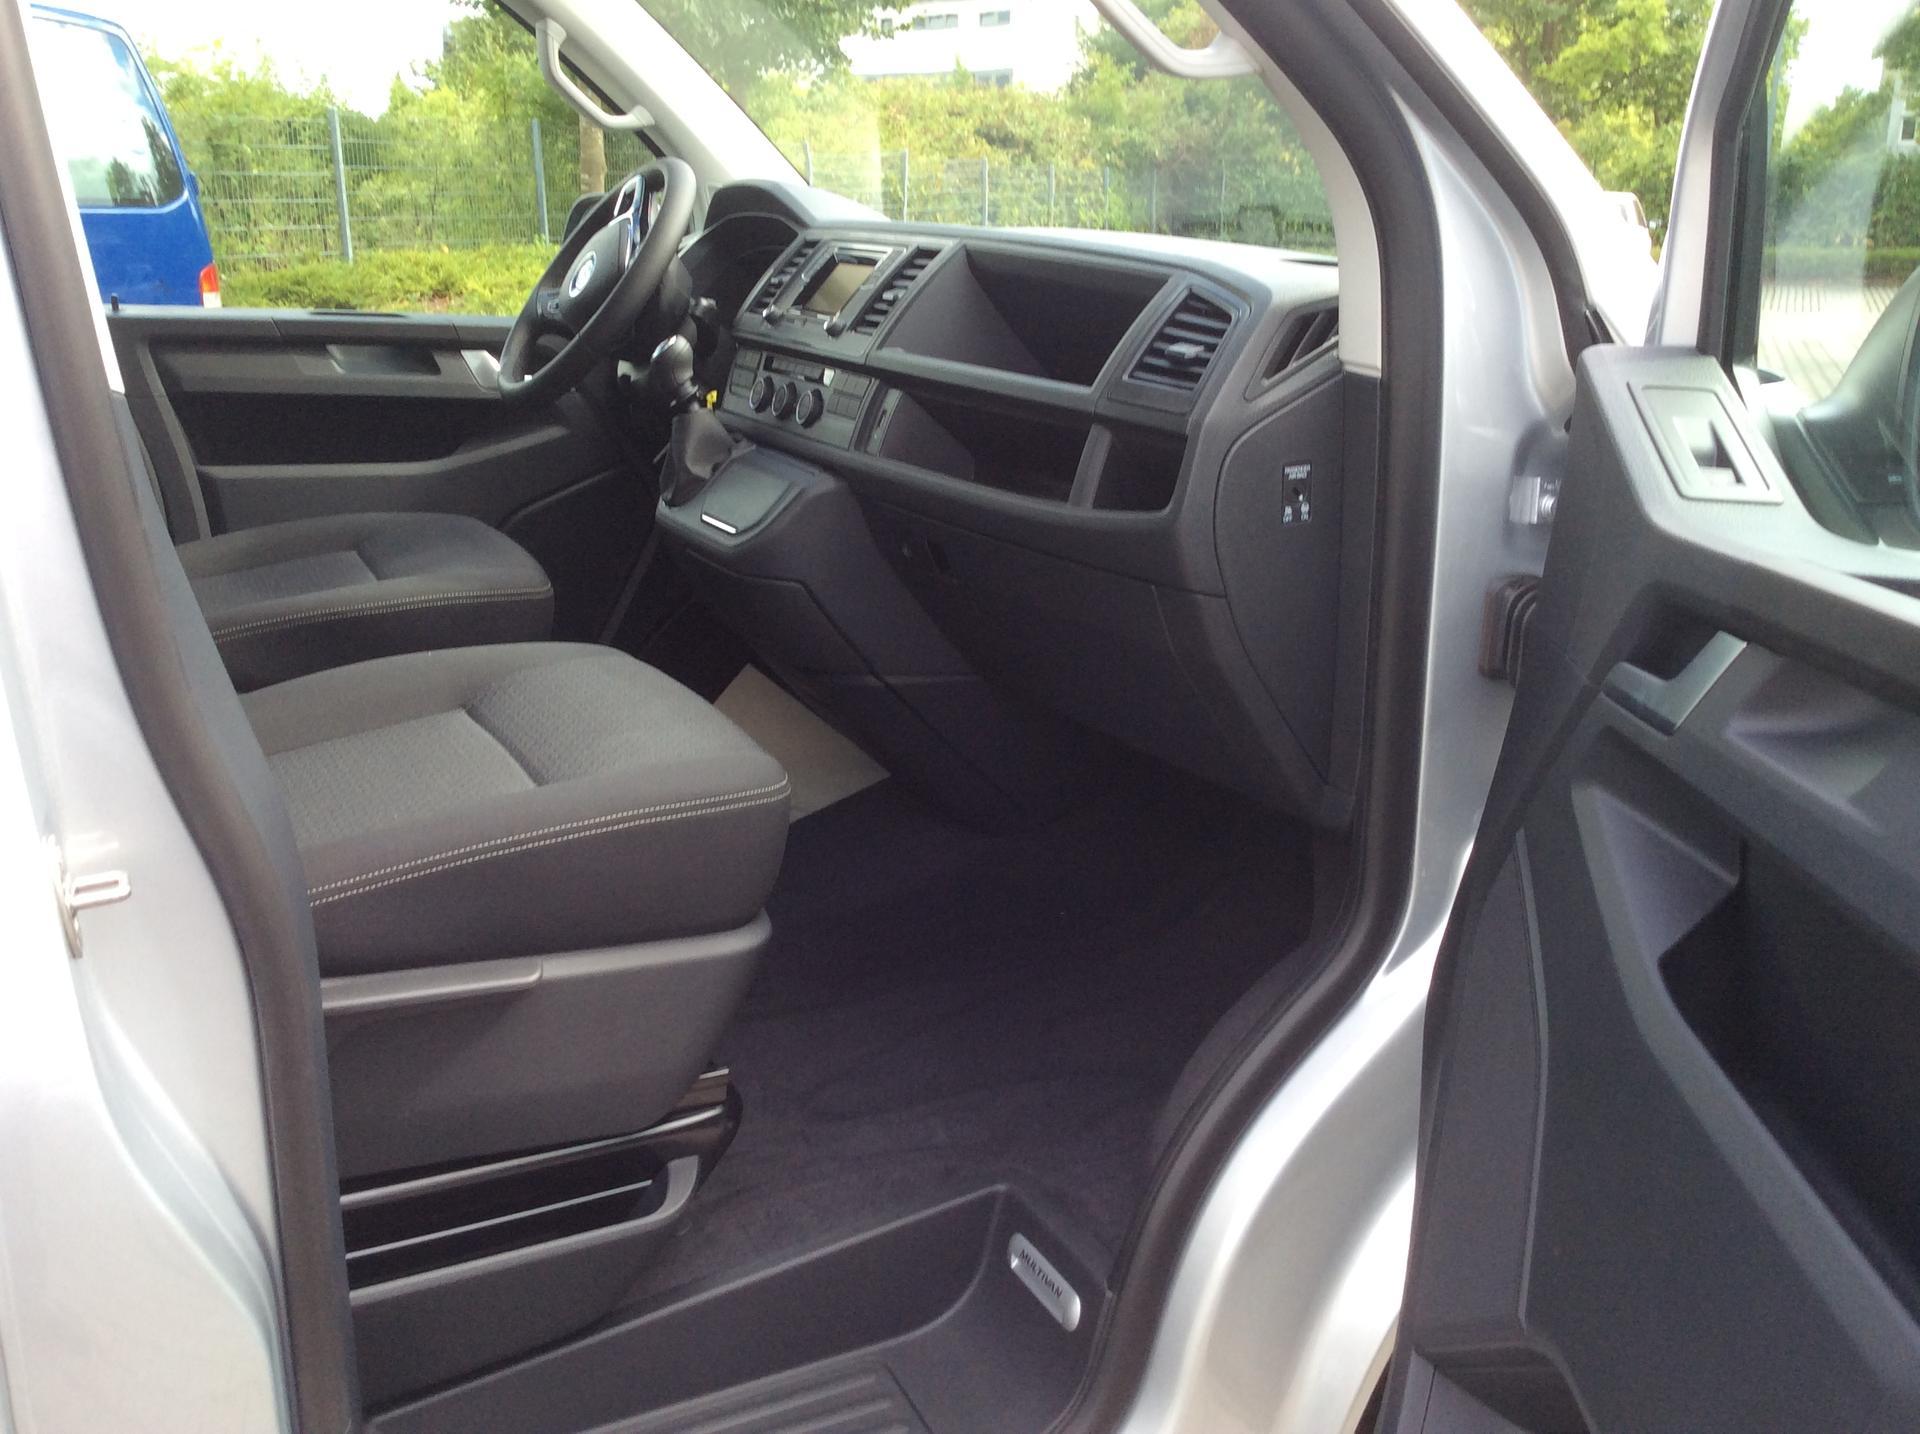 volkswagen t6 multivan trendline 2 0 tdi bmt 110kw 150ps. Black Bedroom Furniture Sets. Home Design Ideas